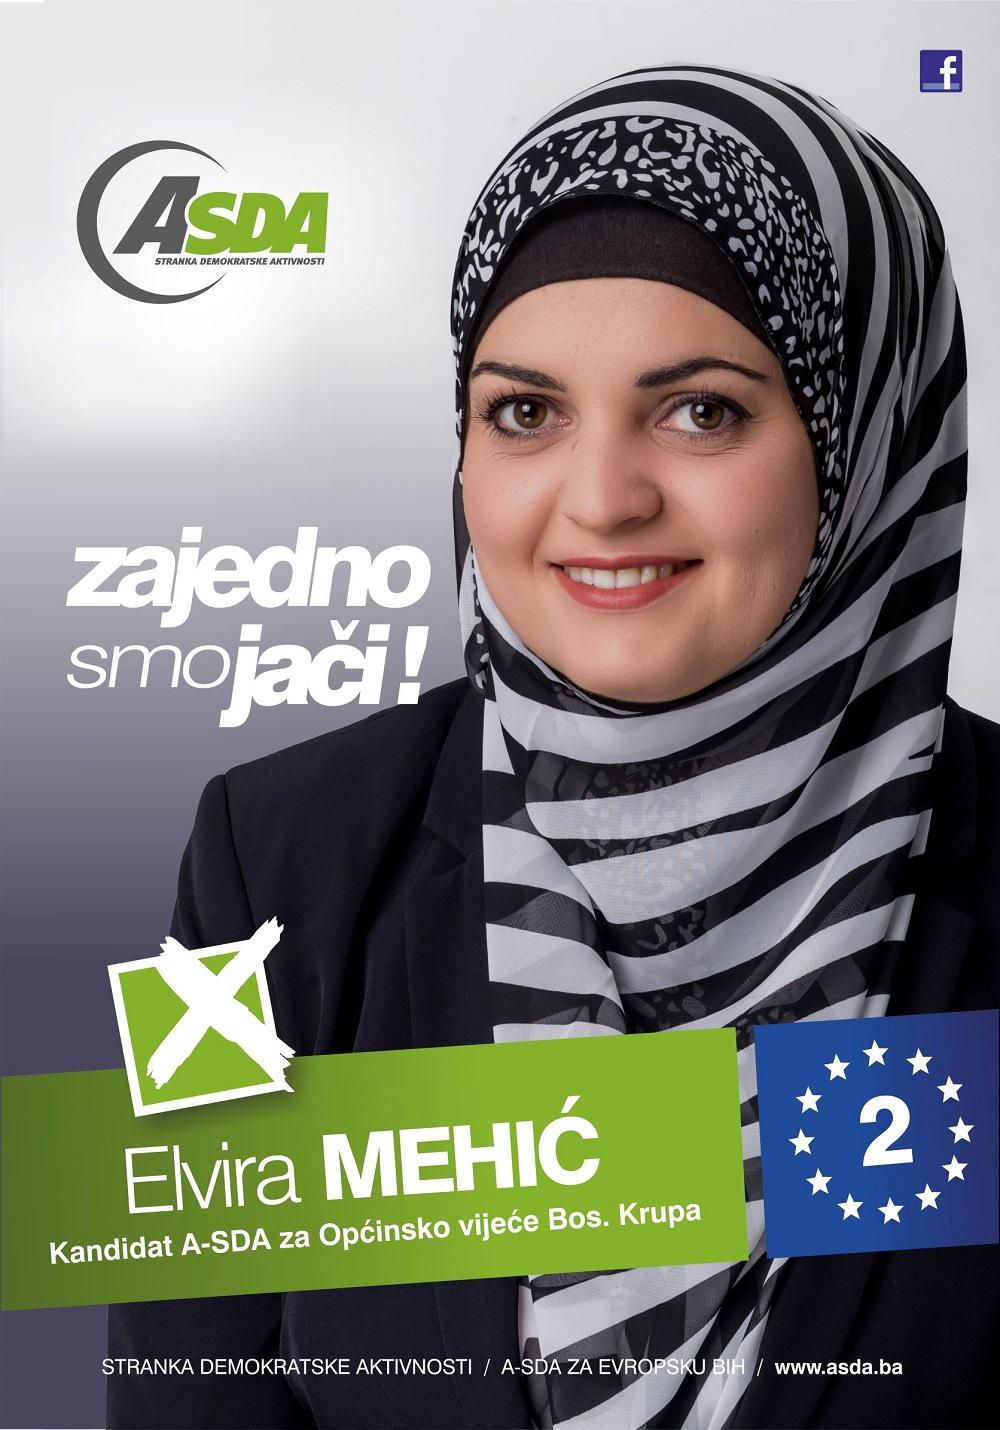 Elvira Mehić, je protekle dvije godine obnašala funkciju predsjedavajuće Općinskog vijeća Bosanska Krupa. Elvira je rođena 3. marta 1986. godine u Bosanskoj Krupi, gdje je i završila srednju školu, te […]